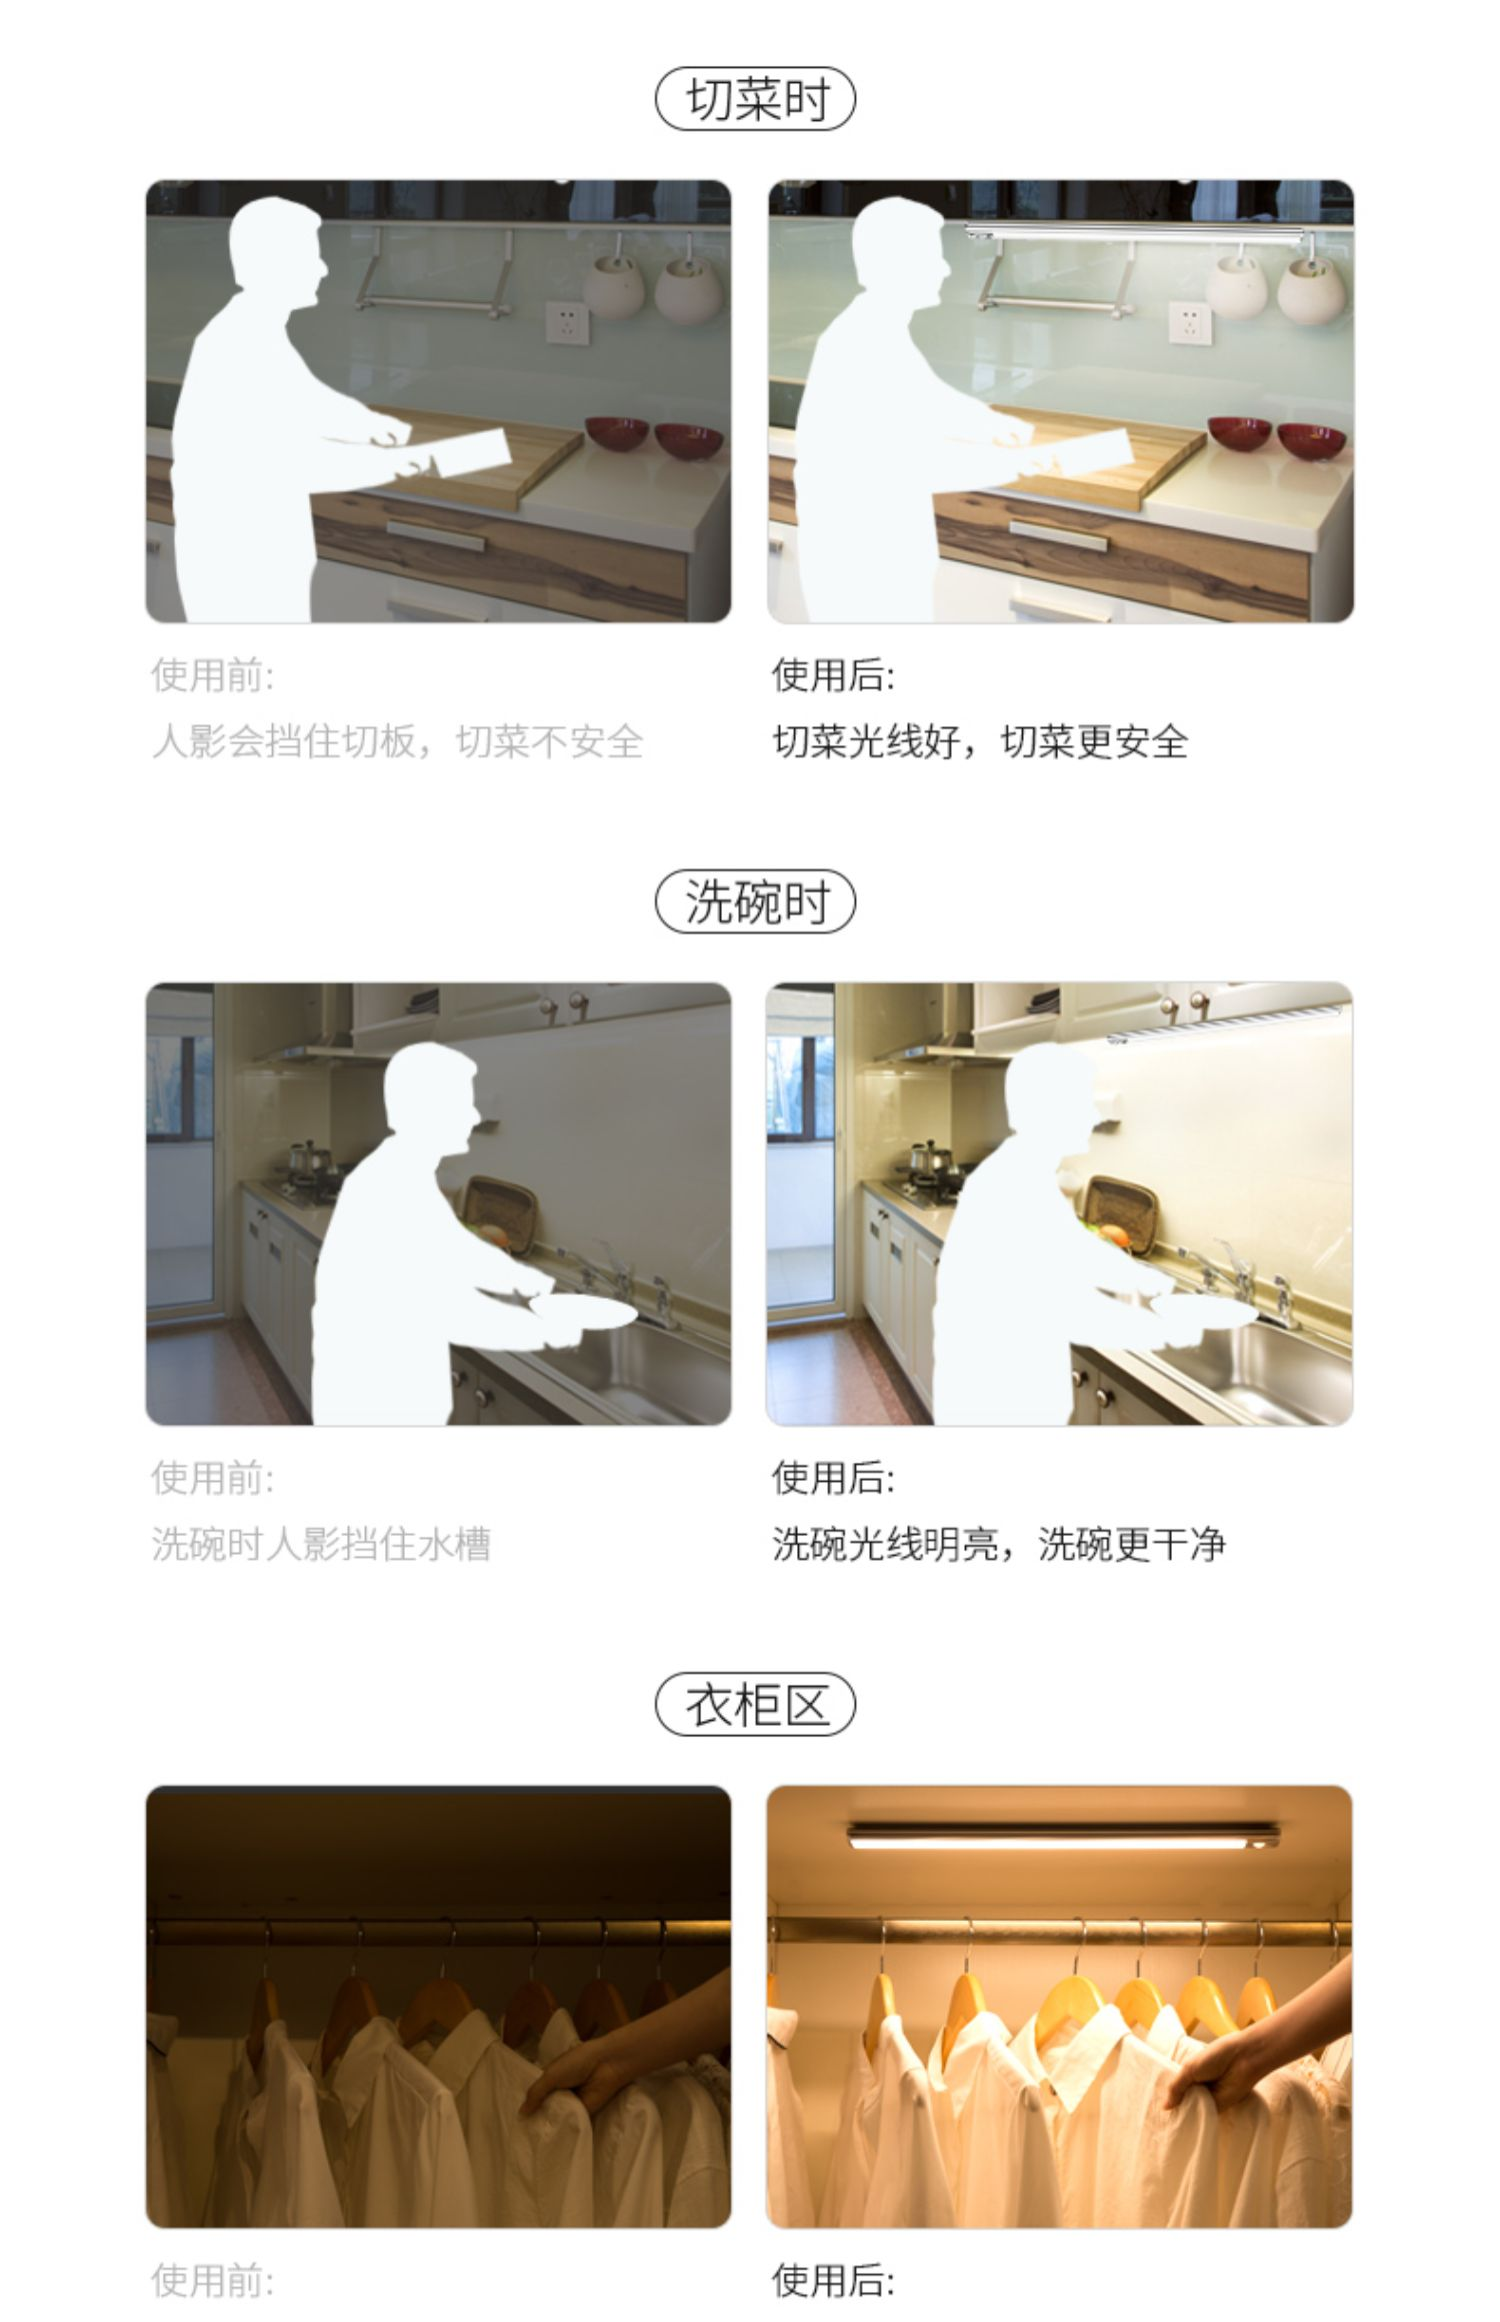 智能橱柜灯带可充电池式人体手扫感应厨房照明无线免布线灯条长条商品详情图